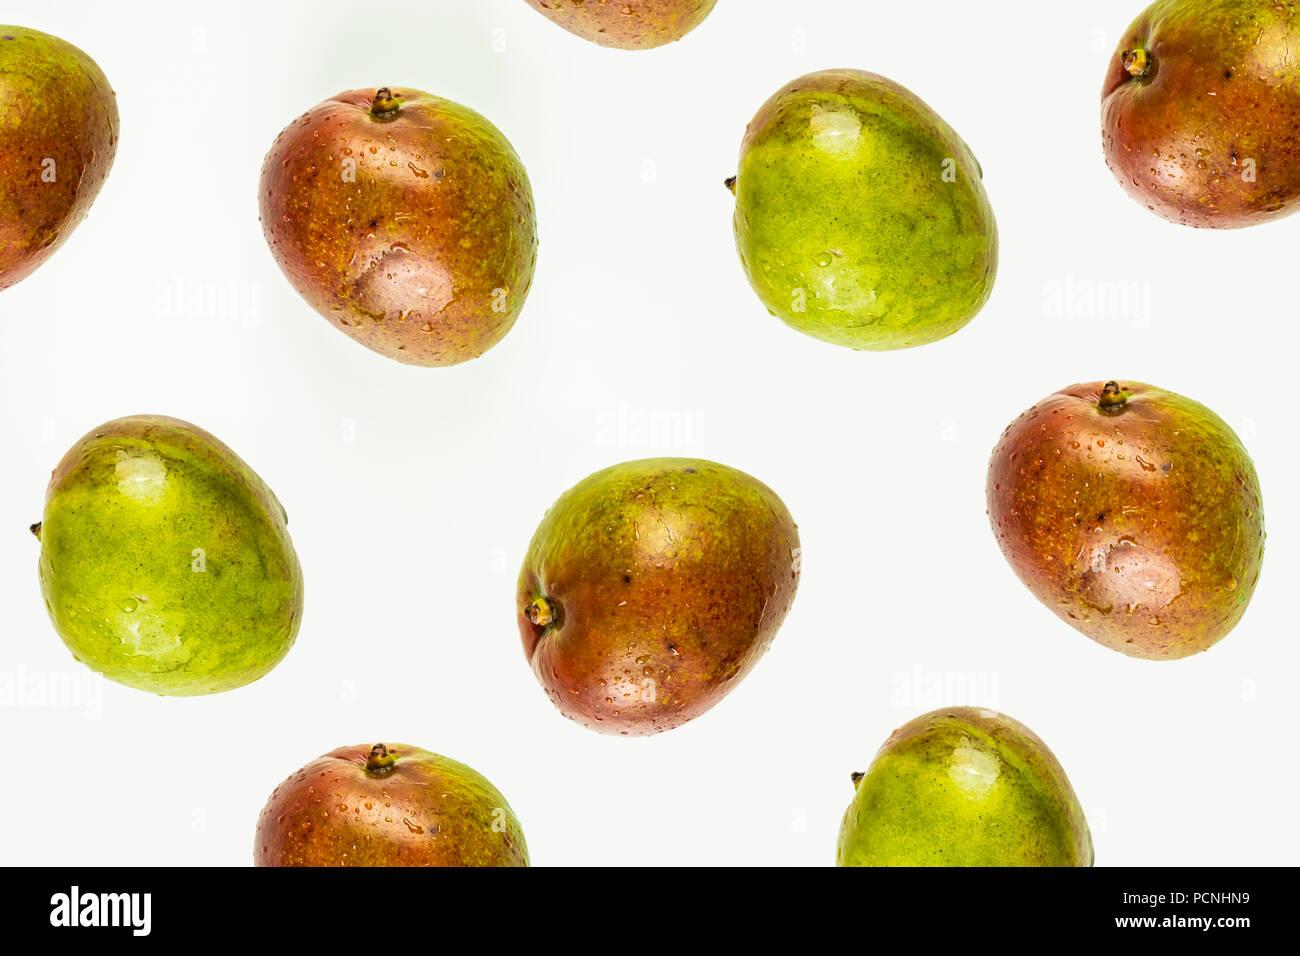 Isolierte mango Muster oder Hintergrundbild auf weißem Hintergrund. Sommer Konzept von Frische reife ganze mango Früchte Schuß von oben Stockbild